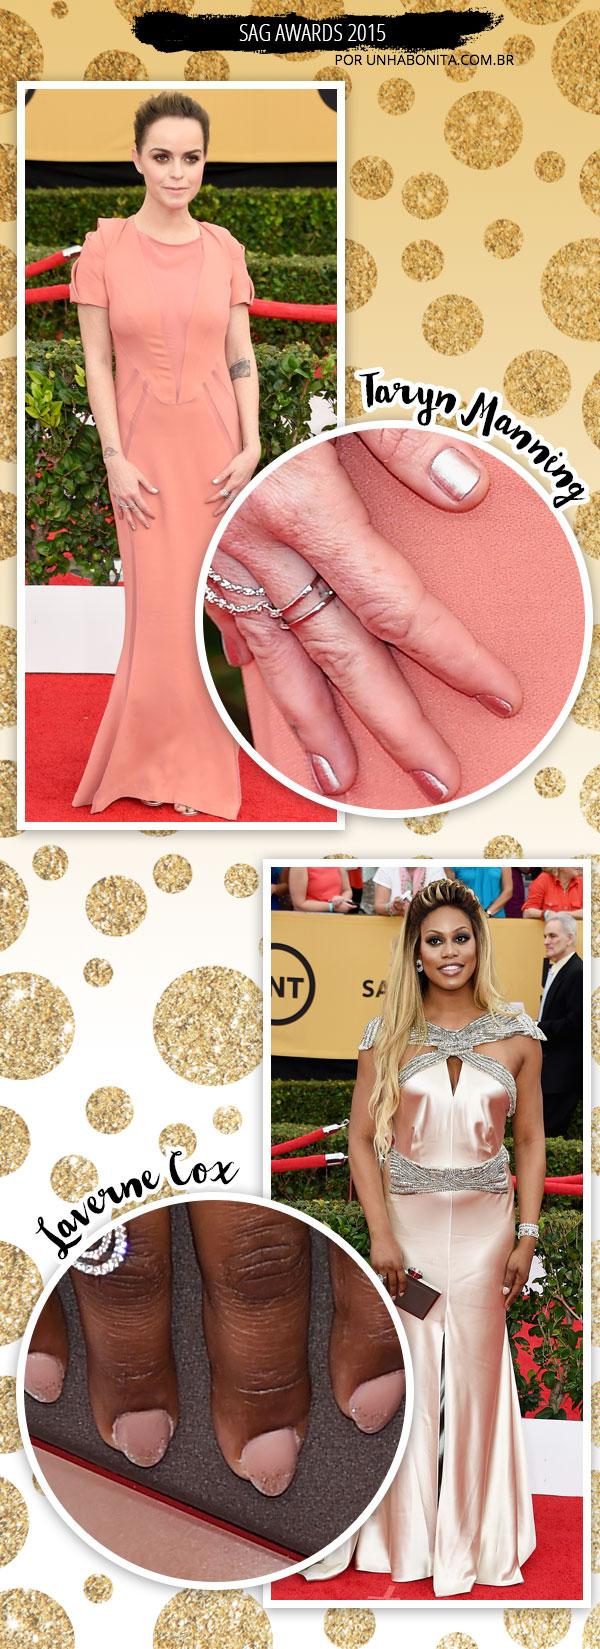 8.sag-awards-manicure-unhas-esmaltes-2015